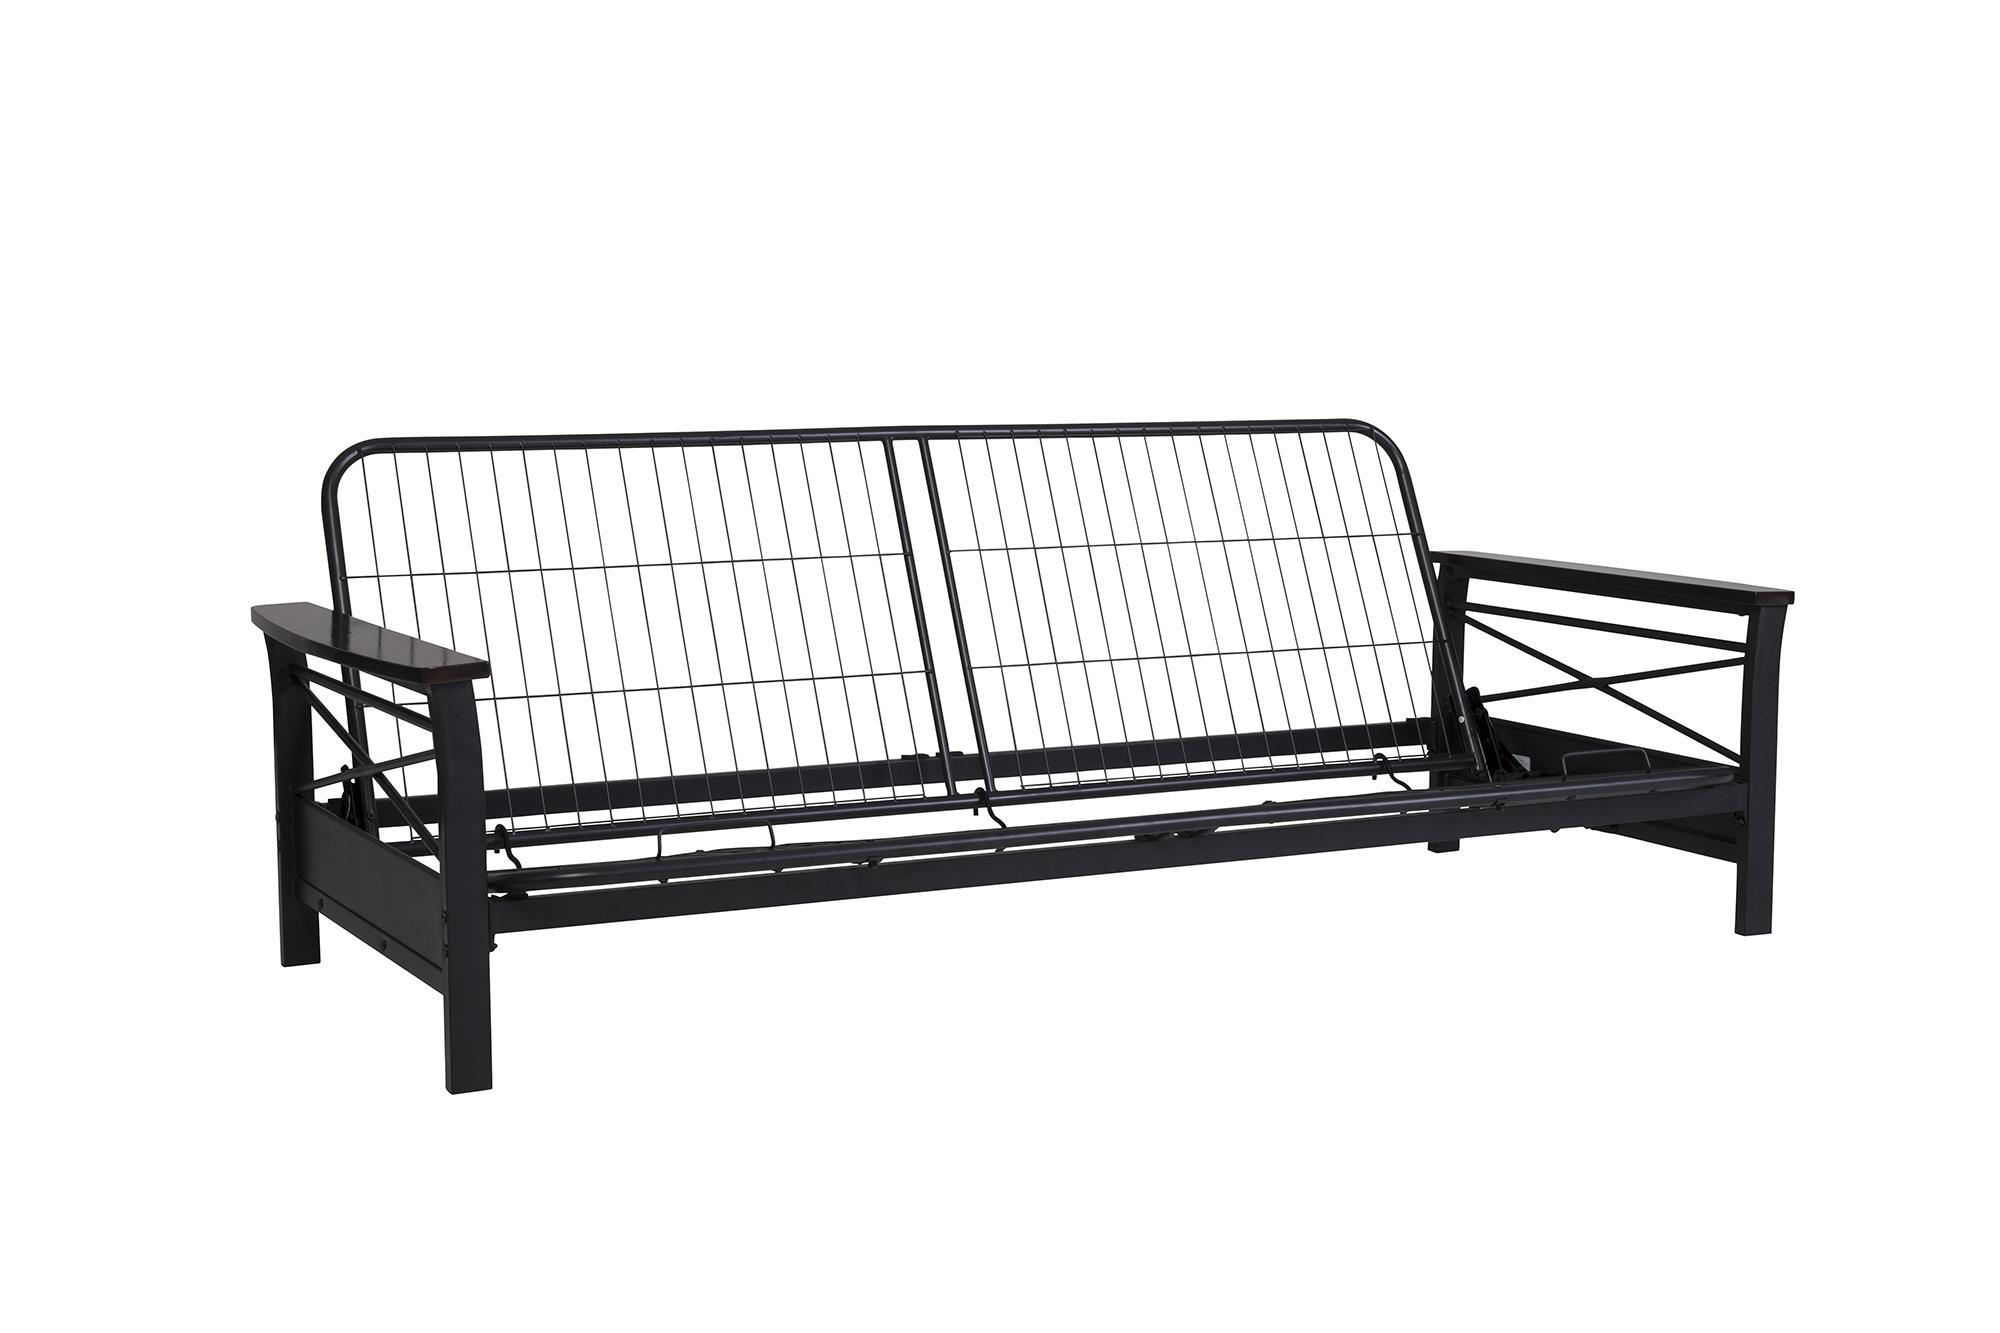 metal sofa bed parts leather white uk dorel nadine futon frame with espresso wood armrests